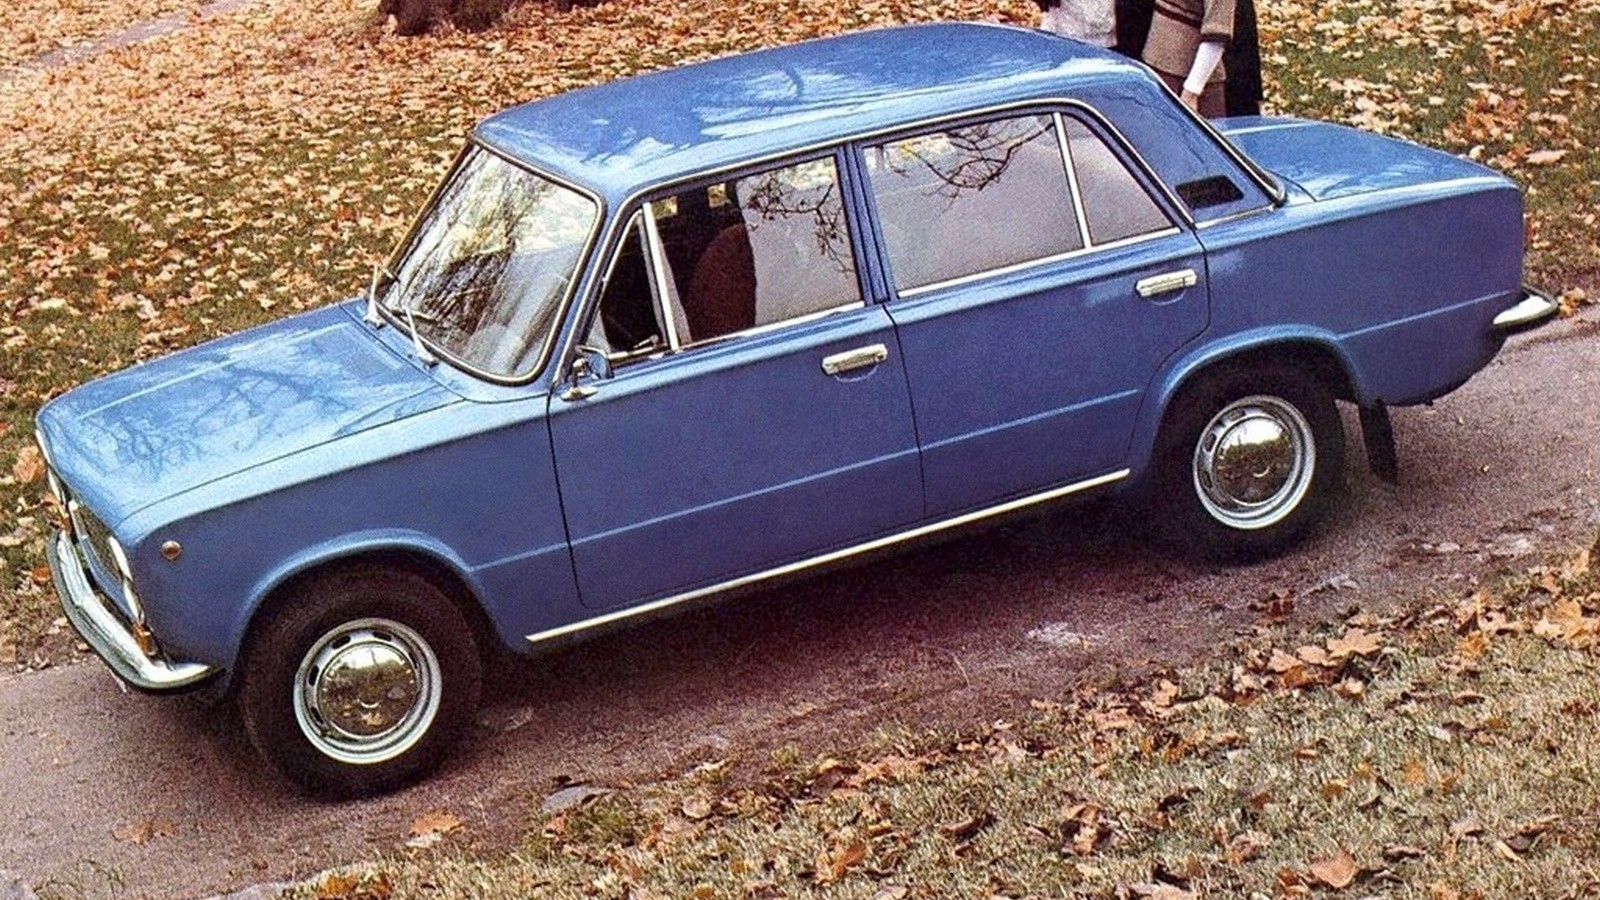 Заказчики настояли, чтобы роторные Жигули внешне ничем не отличались от обычной «копейки» модификации ВАЗ-21011